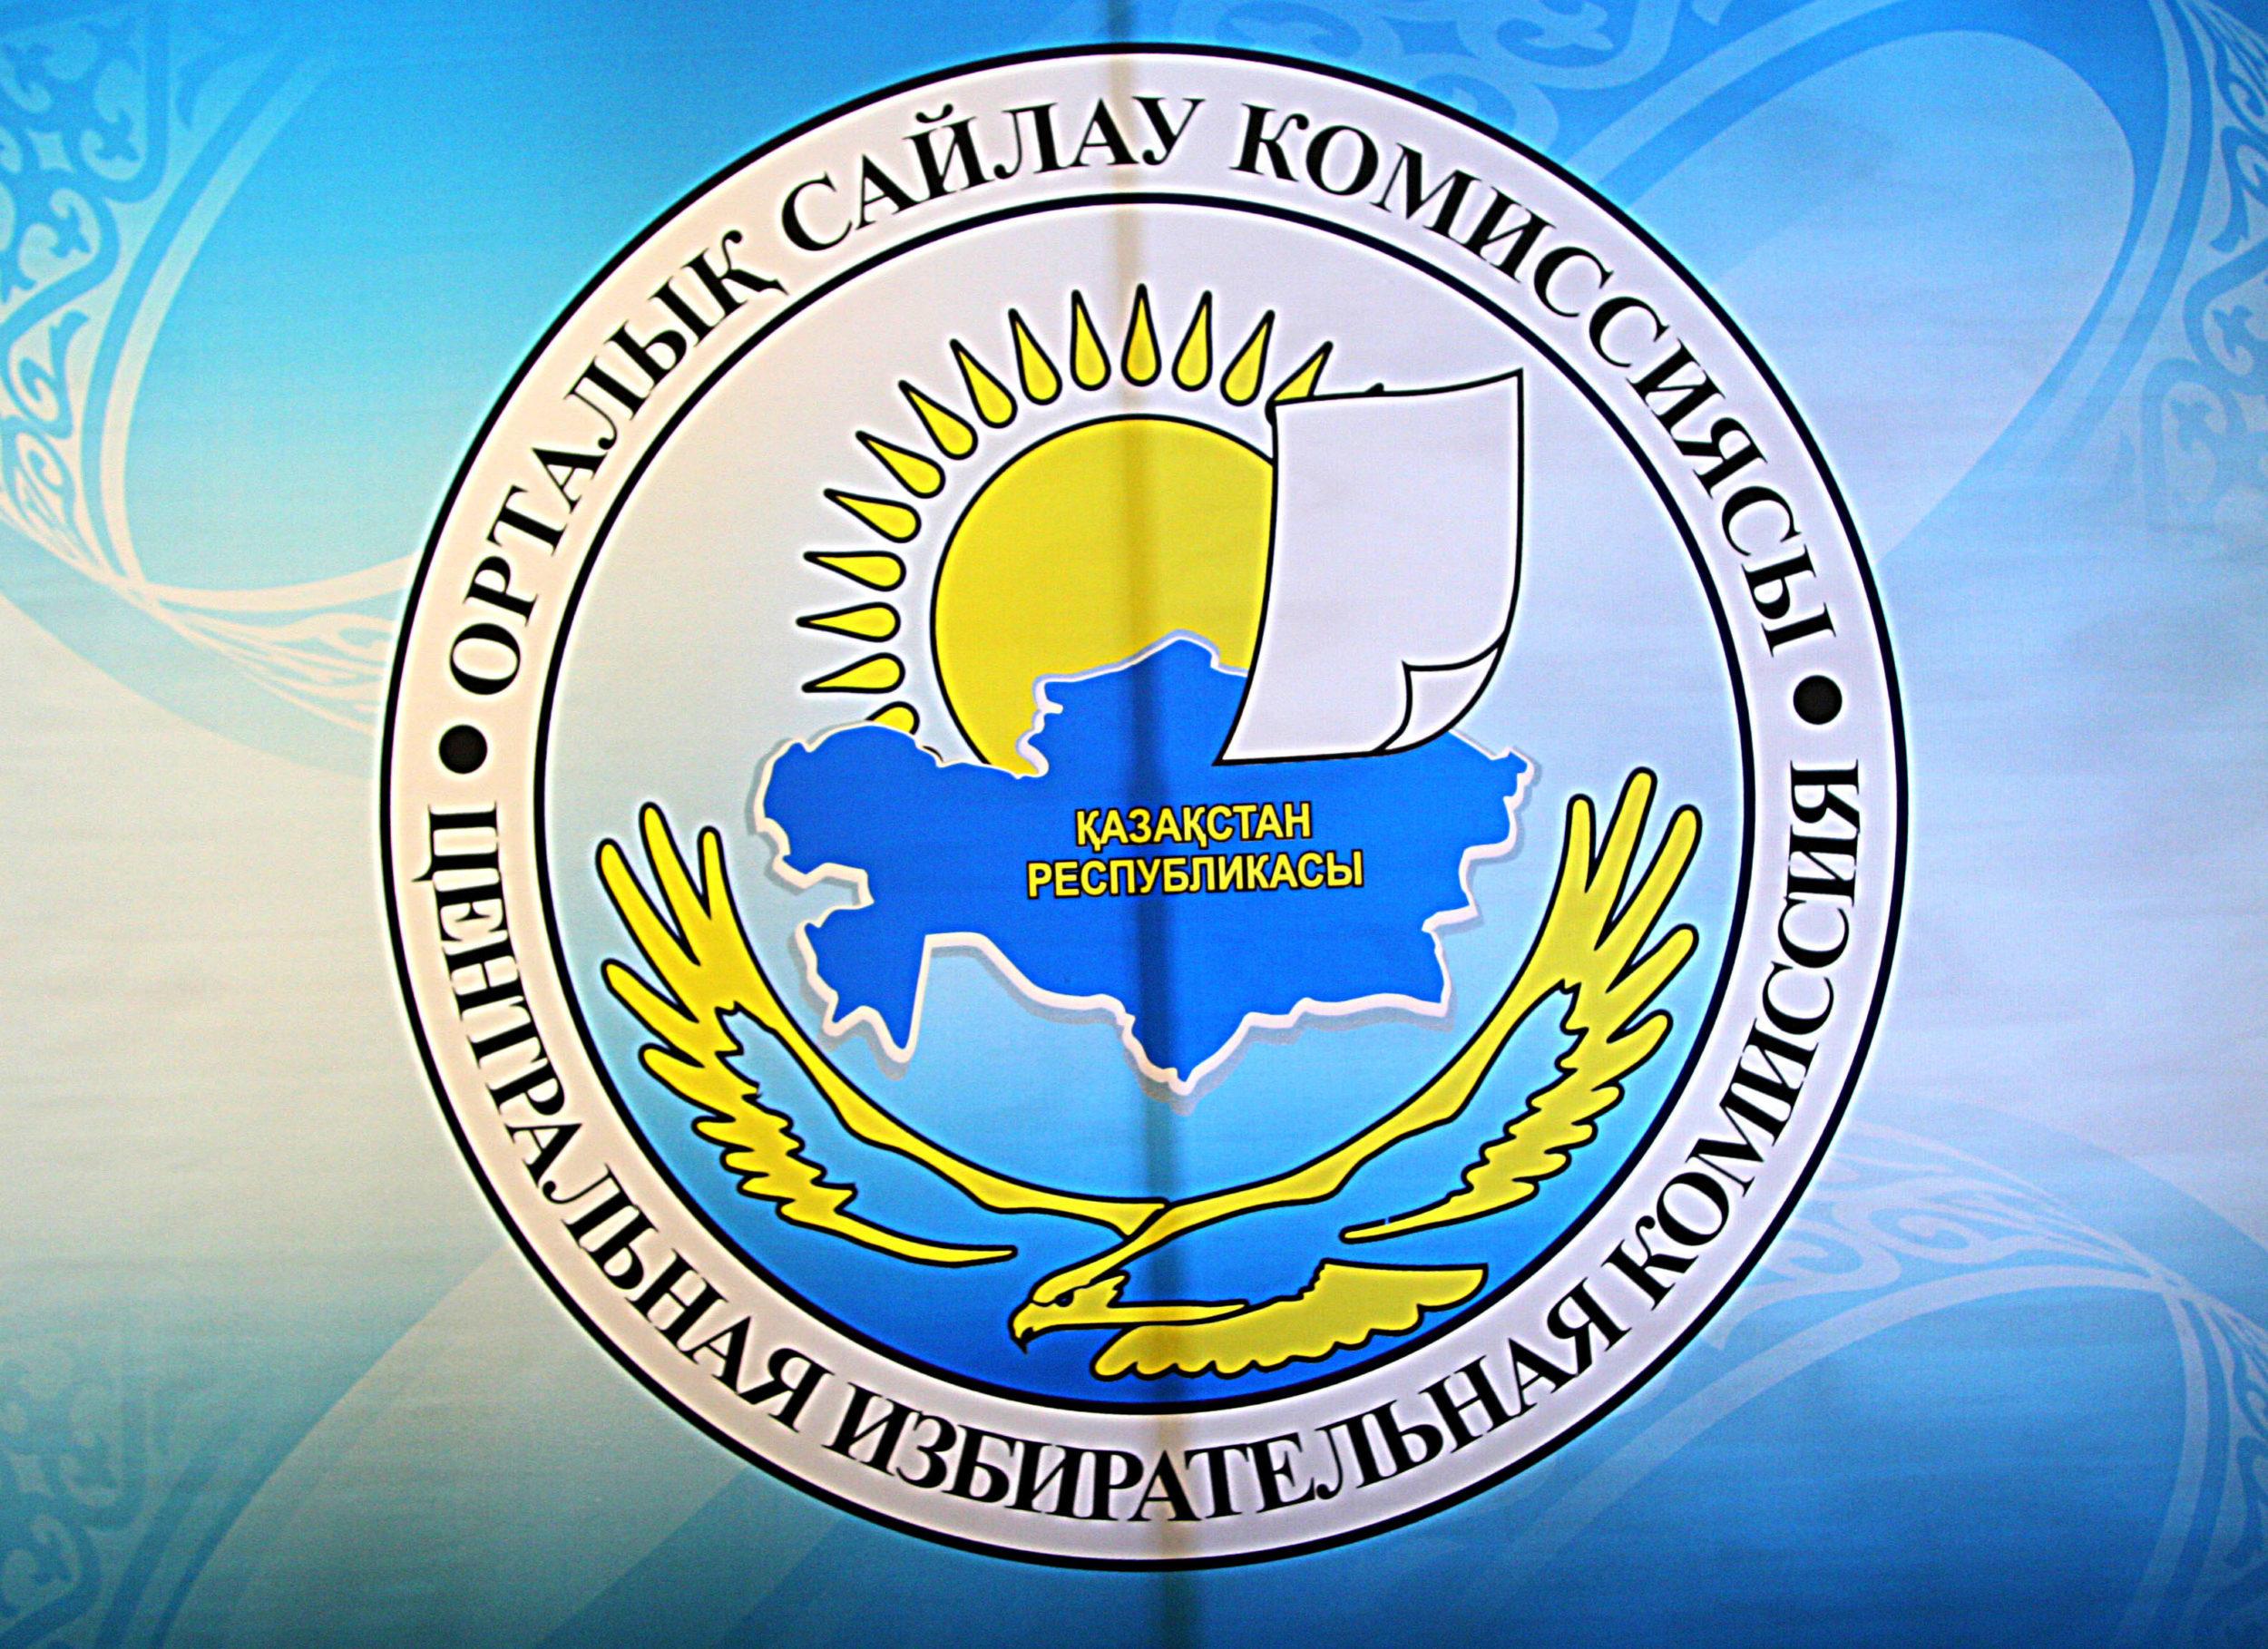 Орталық сайлау комиссиясына жаңа мүше тағайындалды